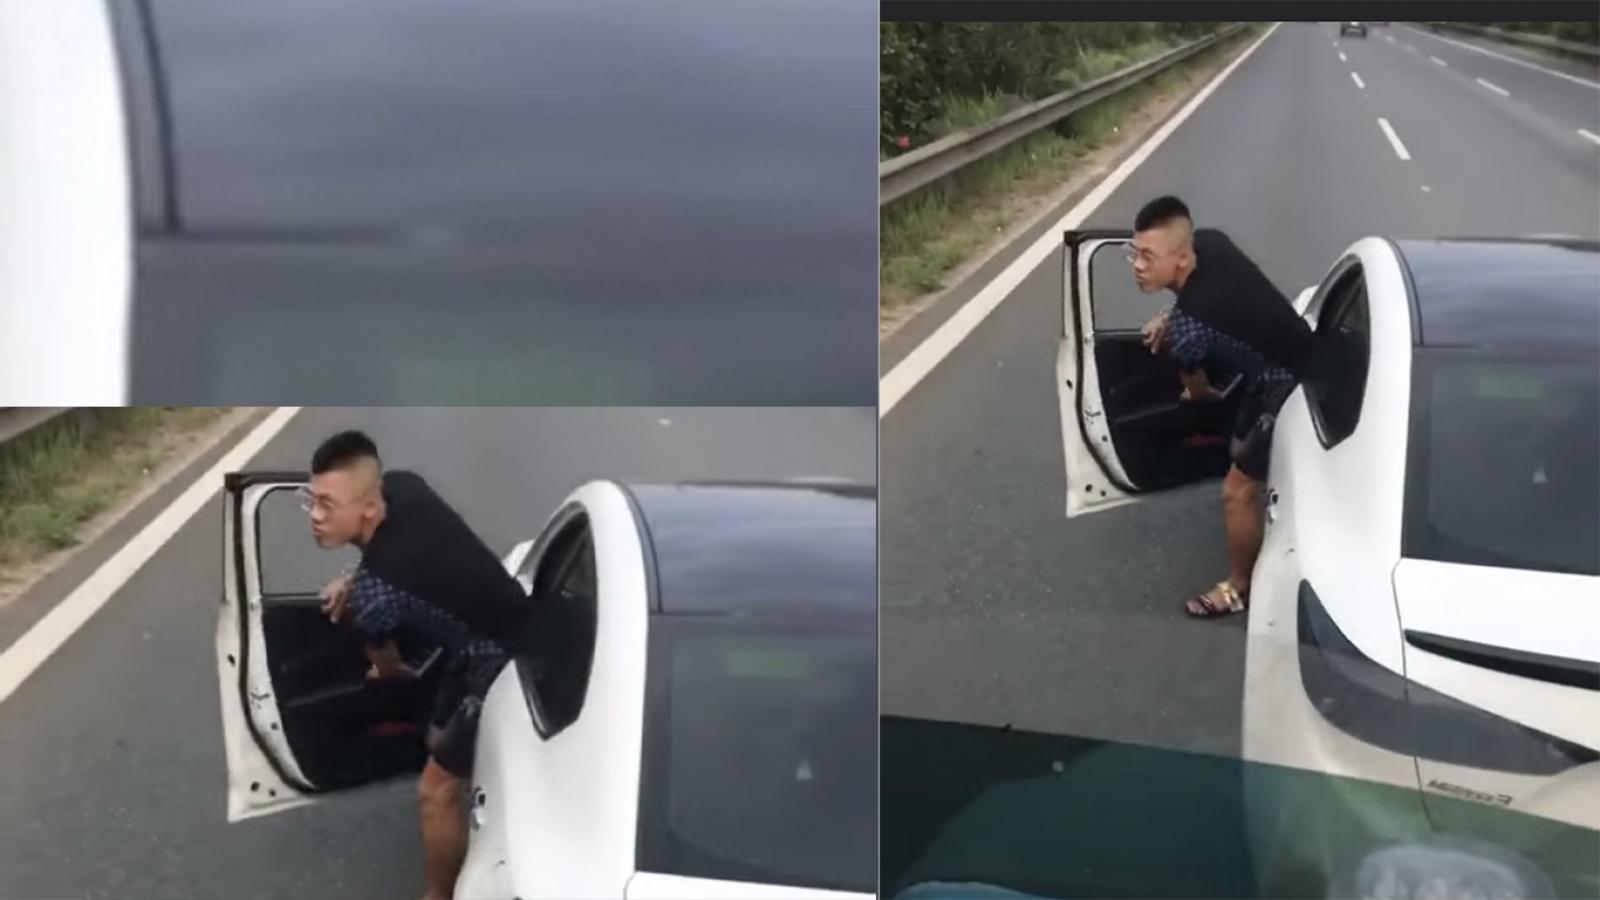 Xử phạt lái xe đánh võng, dừng xe giữa cao tốc để gây sự